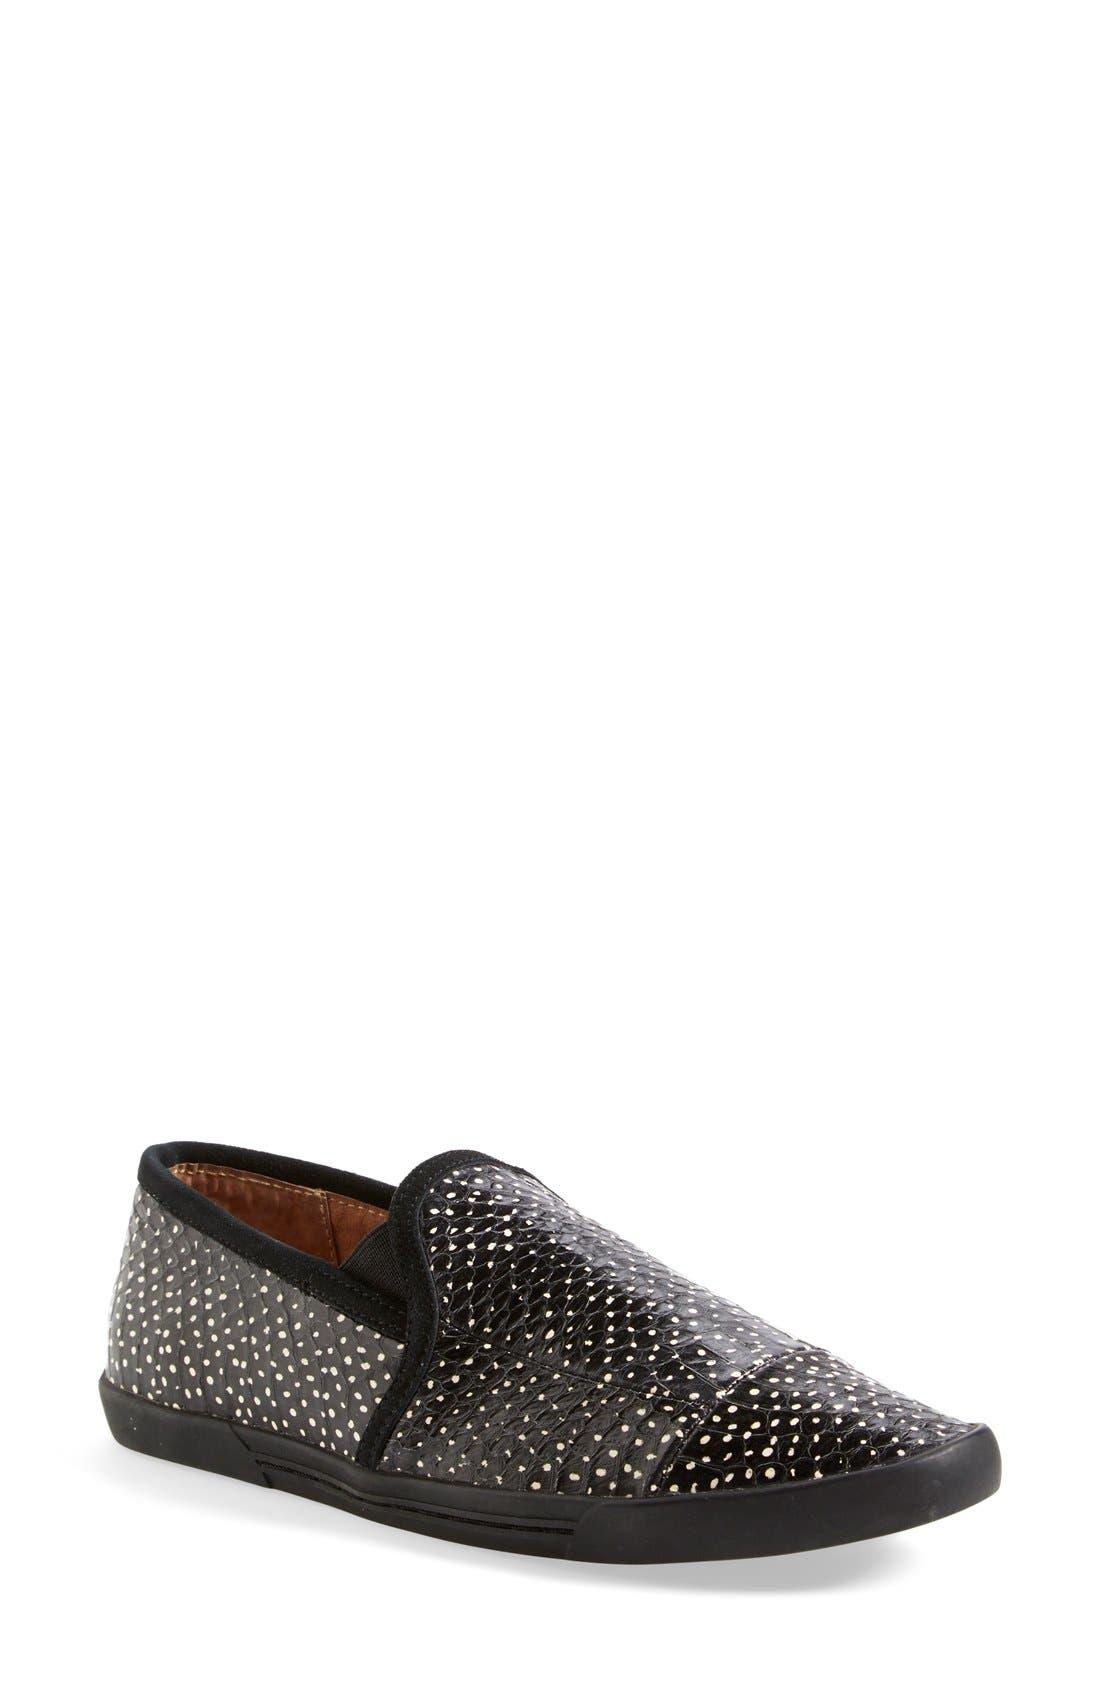 Main Image - Joie 'Kidmore' Leather Sneaker (Women)